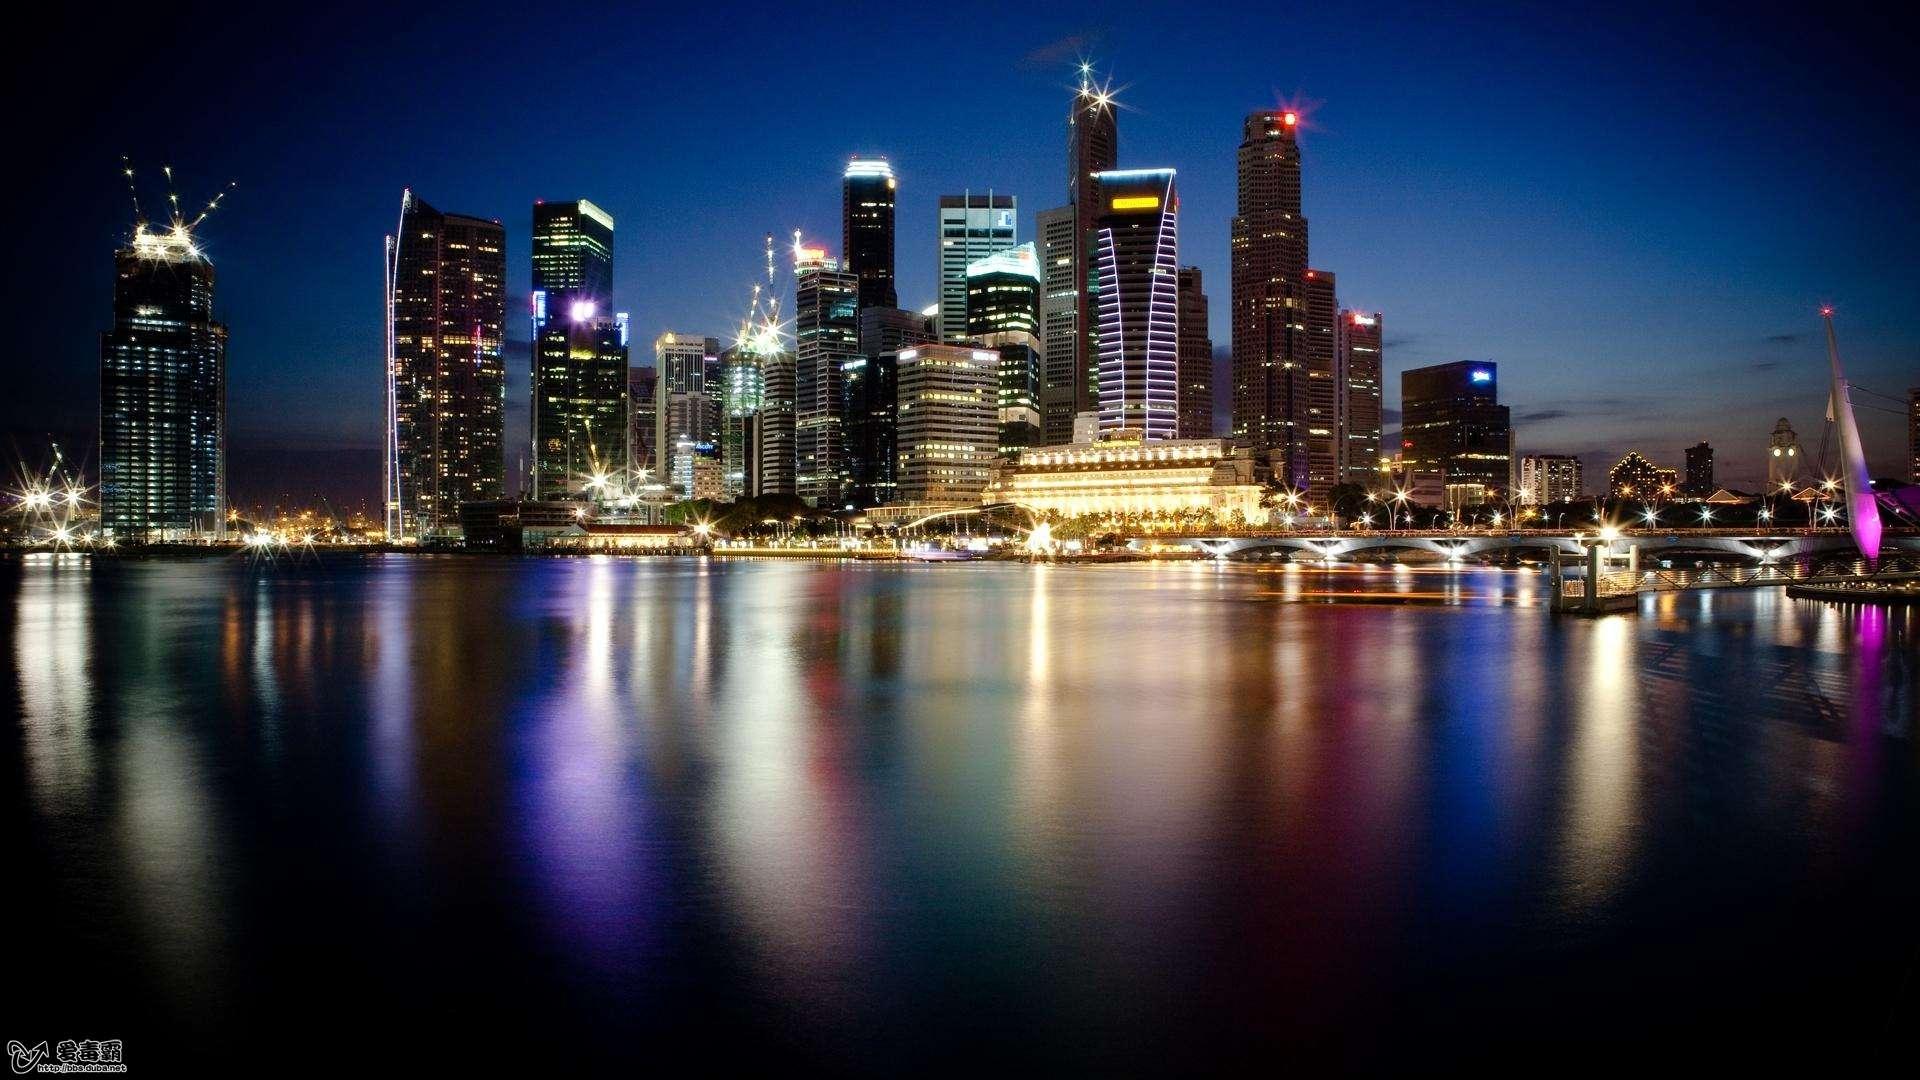 世界著名城市风景建筑壁纸